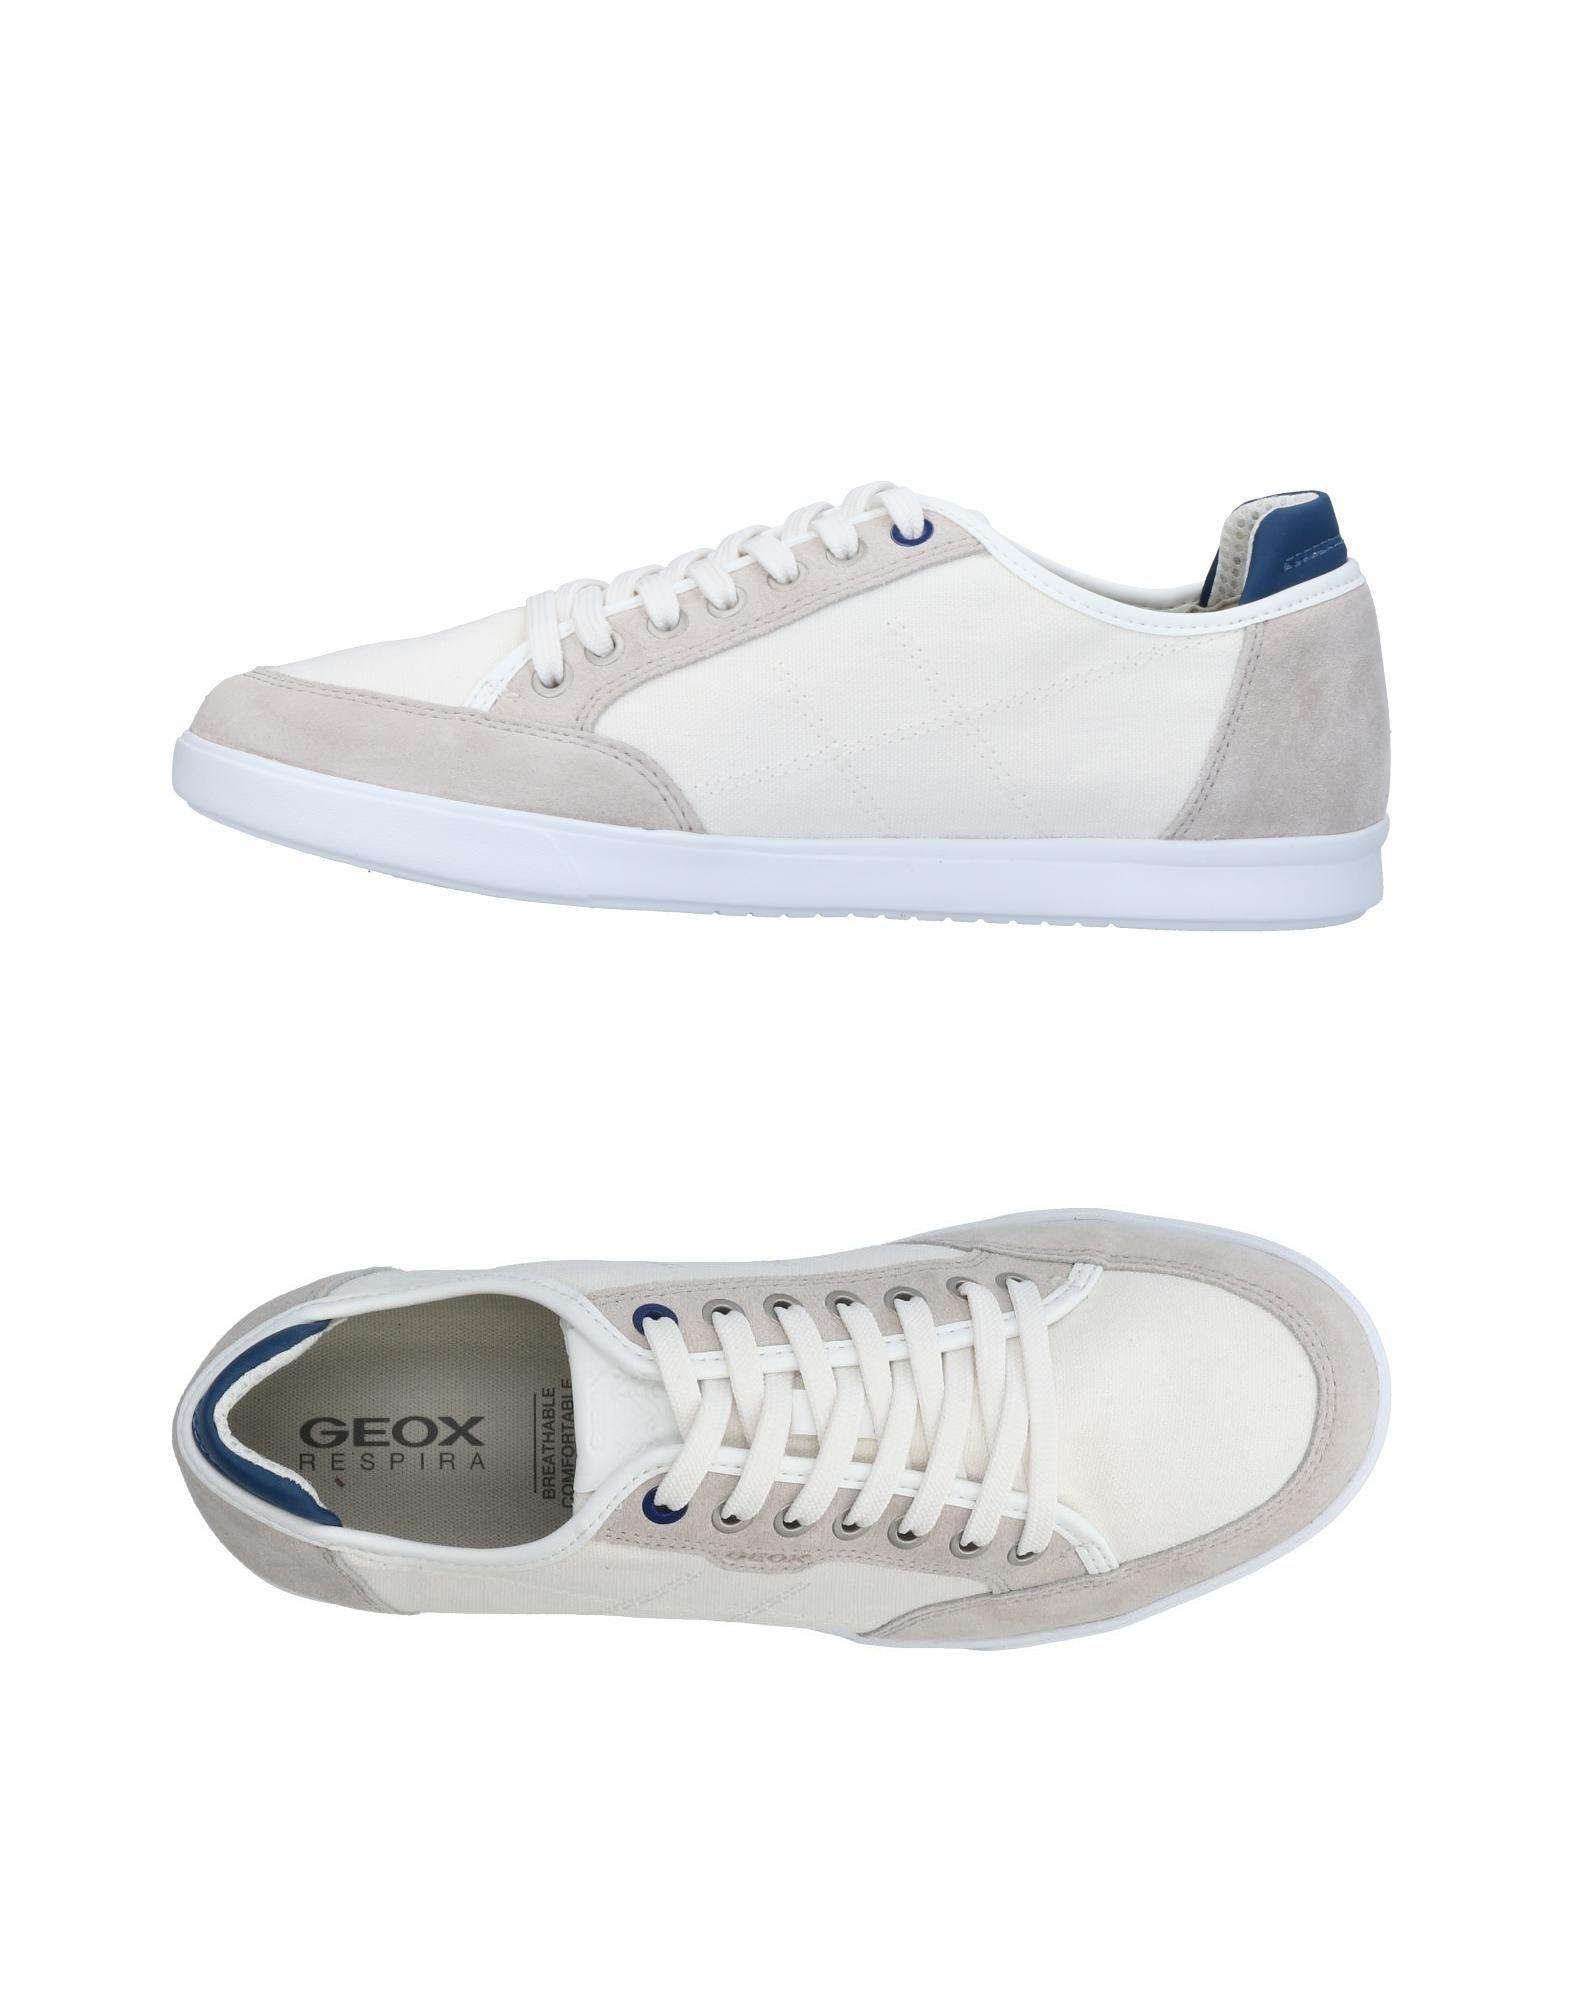 Sneakers Geox Homme - Sneakers Geox  Blanc Meilleur modèle de vente